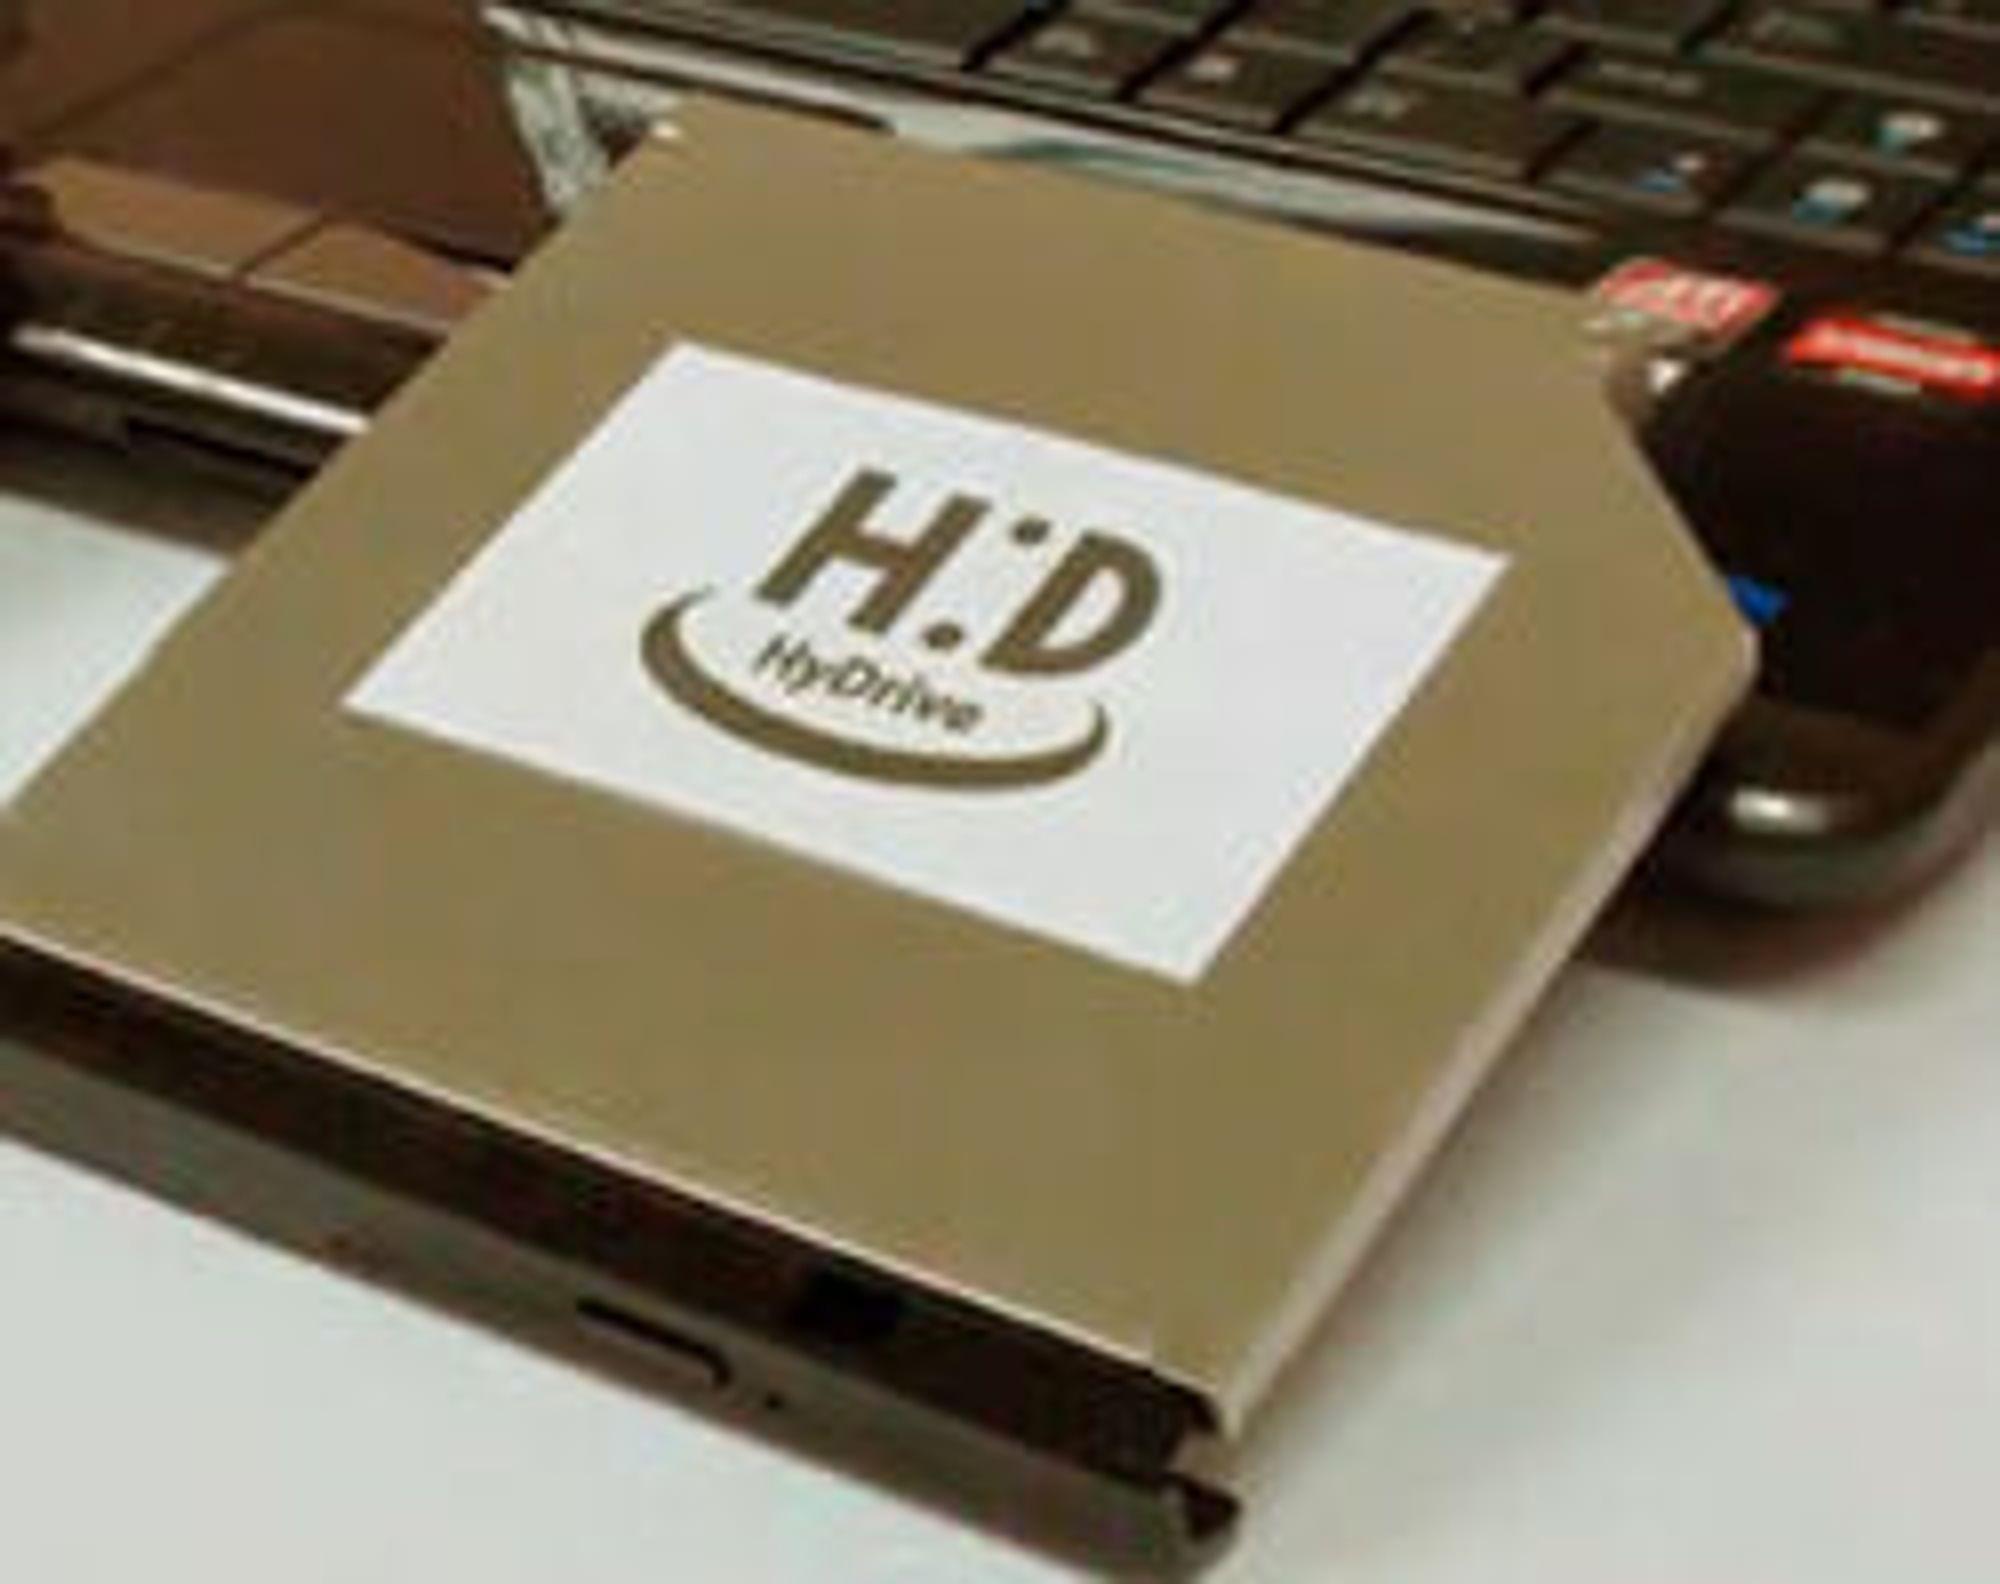 HyDrive fra Hitachi-LG Data Storage.